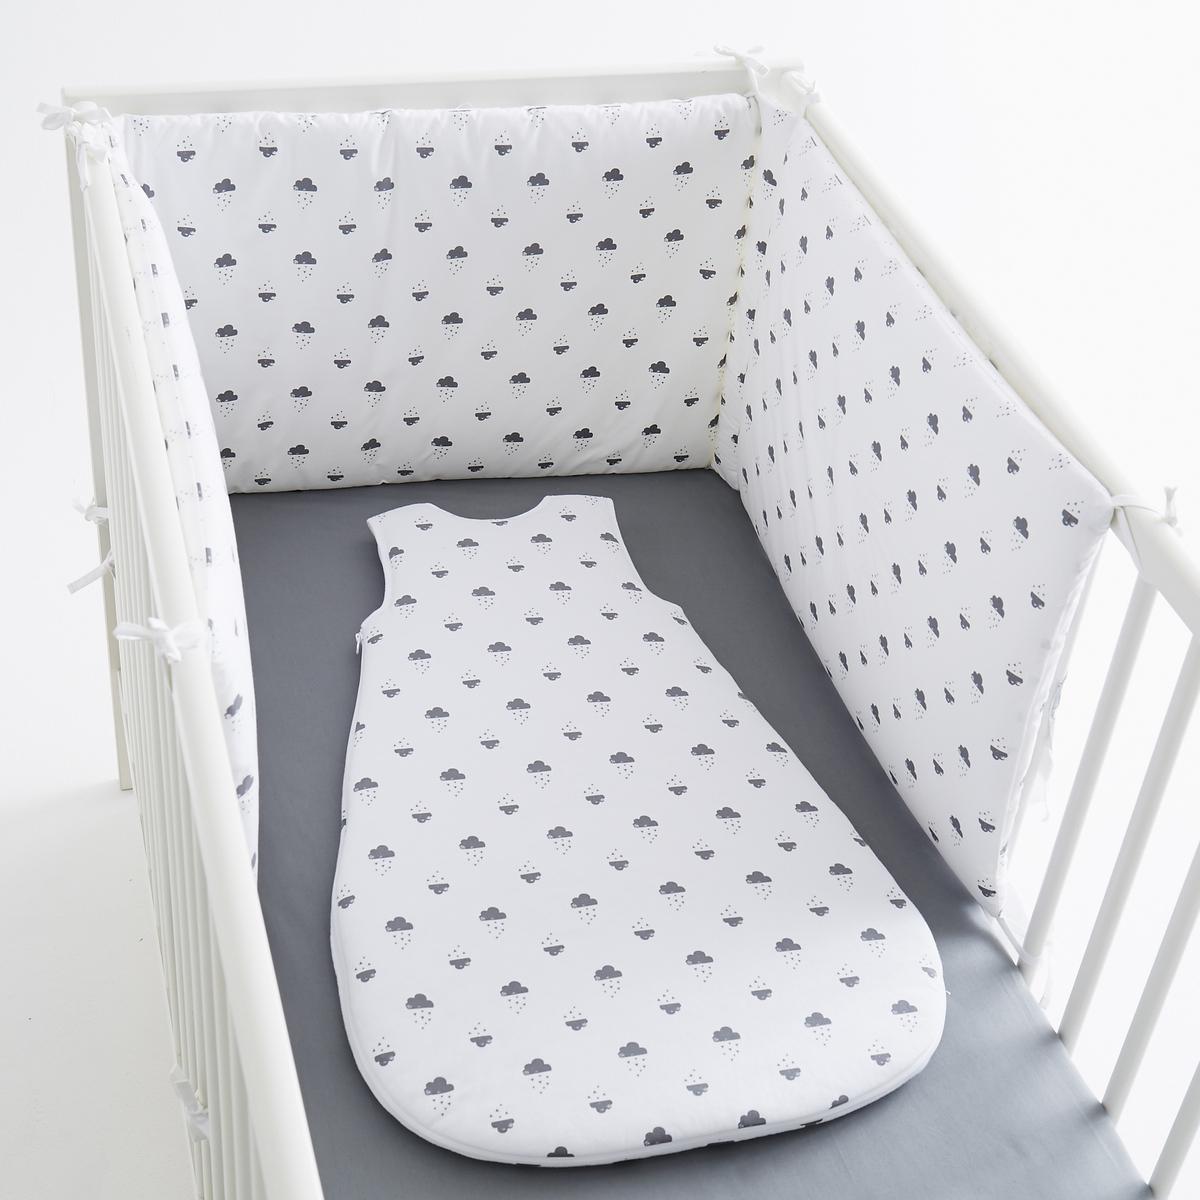 Защитная панель для детской кроватки  облака из перкалиЗащитная панель для детской кроватки  облака из перкали, 100% хлопка, на подкладке. 3 панели на завязках. Размер :  40 x 180 см . Эта защитная панель подходит для кроваток с решеткой 60 x 120 см и 70 x 140 см.<br><br>Цвет: белый + серый